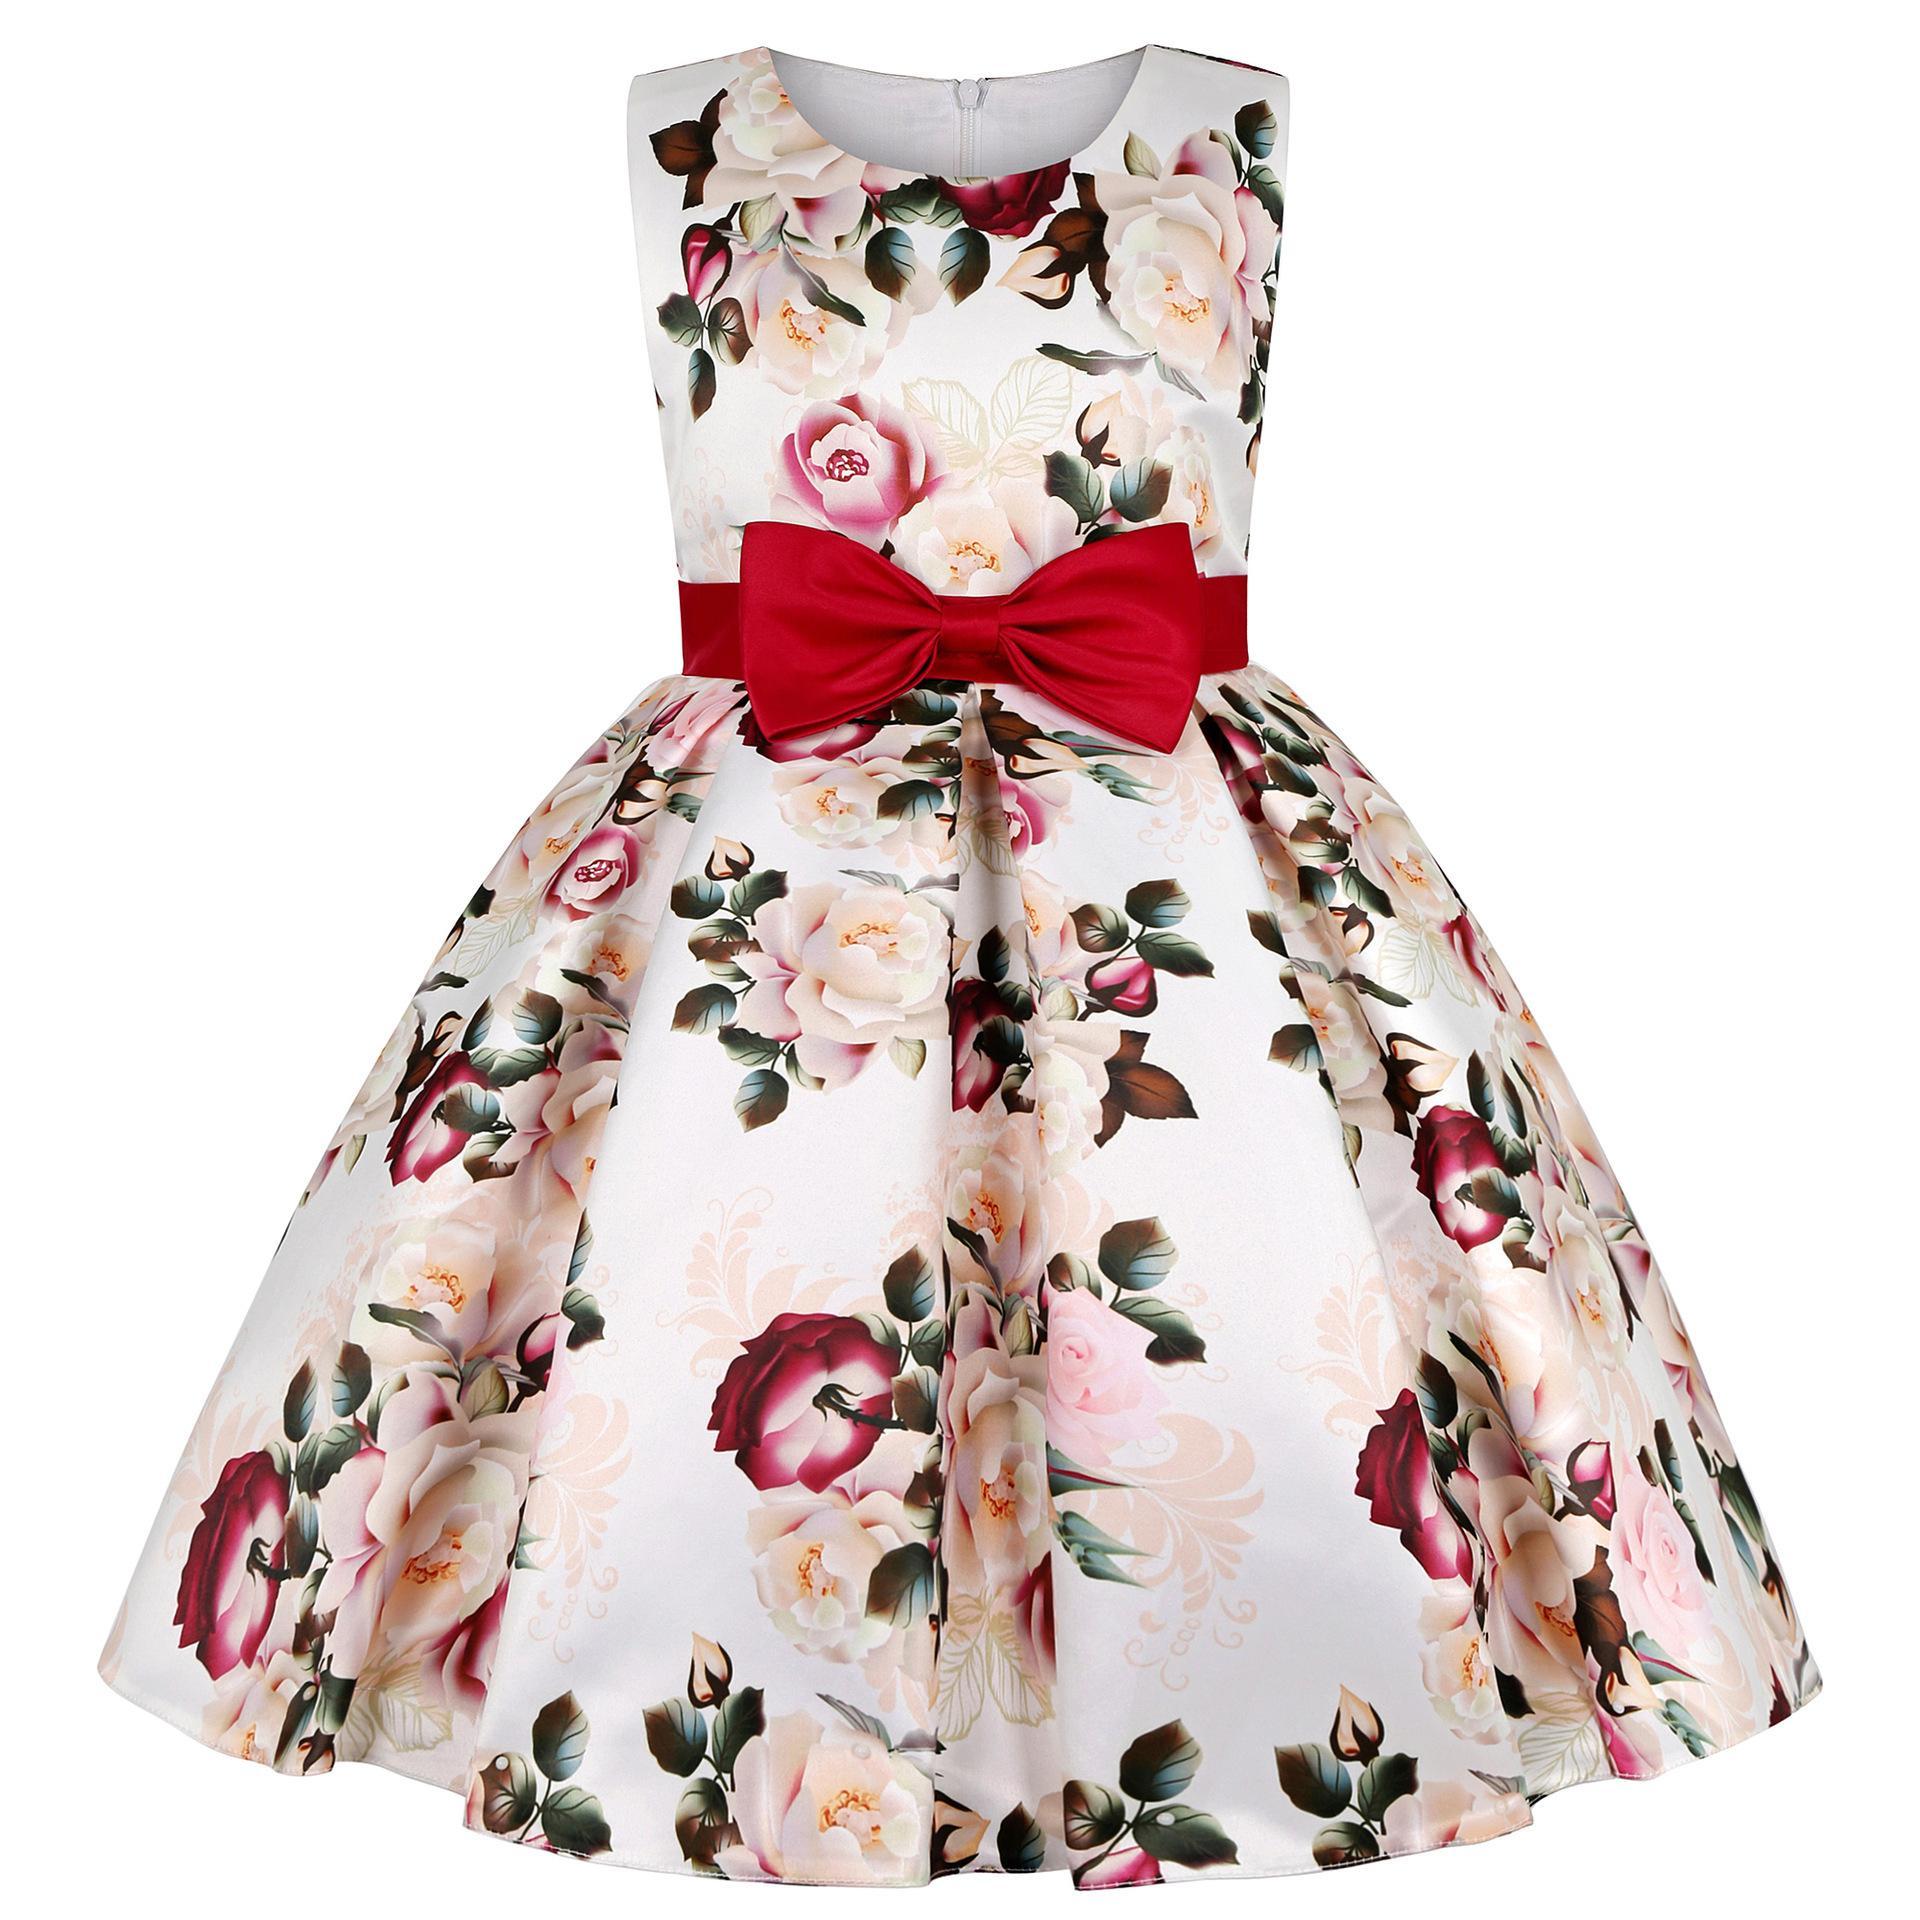 Vestido de princesa de la princesa de la ropa de la impresión de Navidad para las niñas vestidos de boda vestidos de boda ropa de los niños 9 10 años